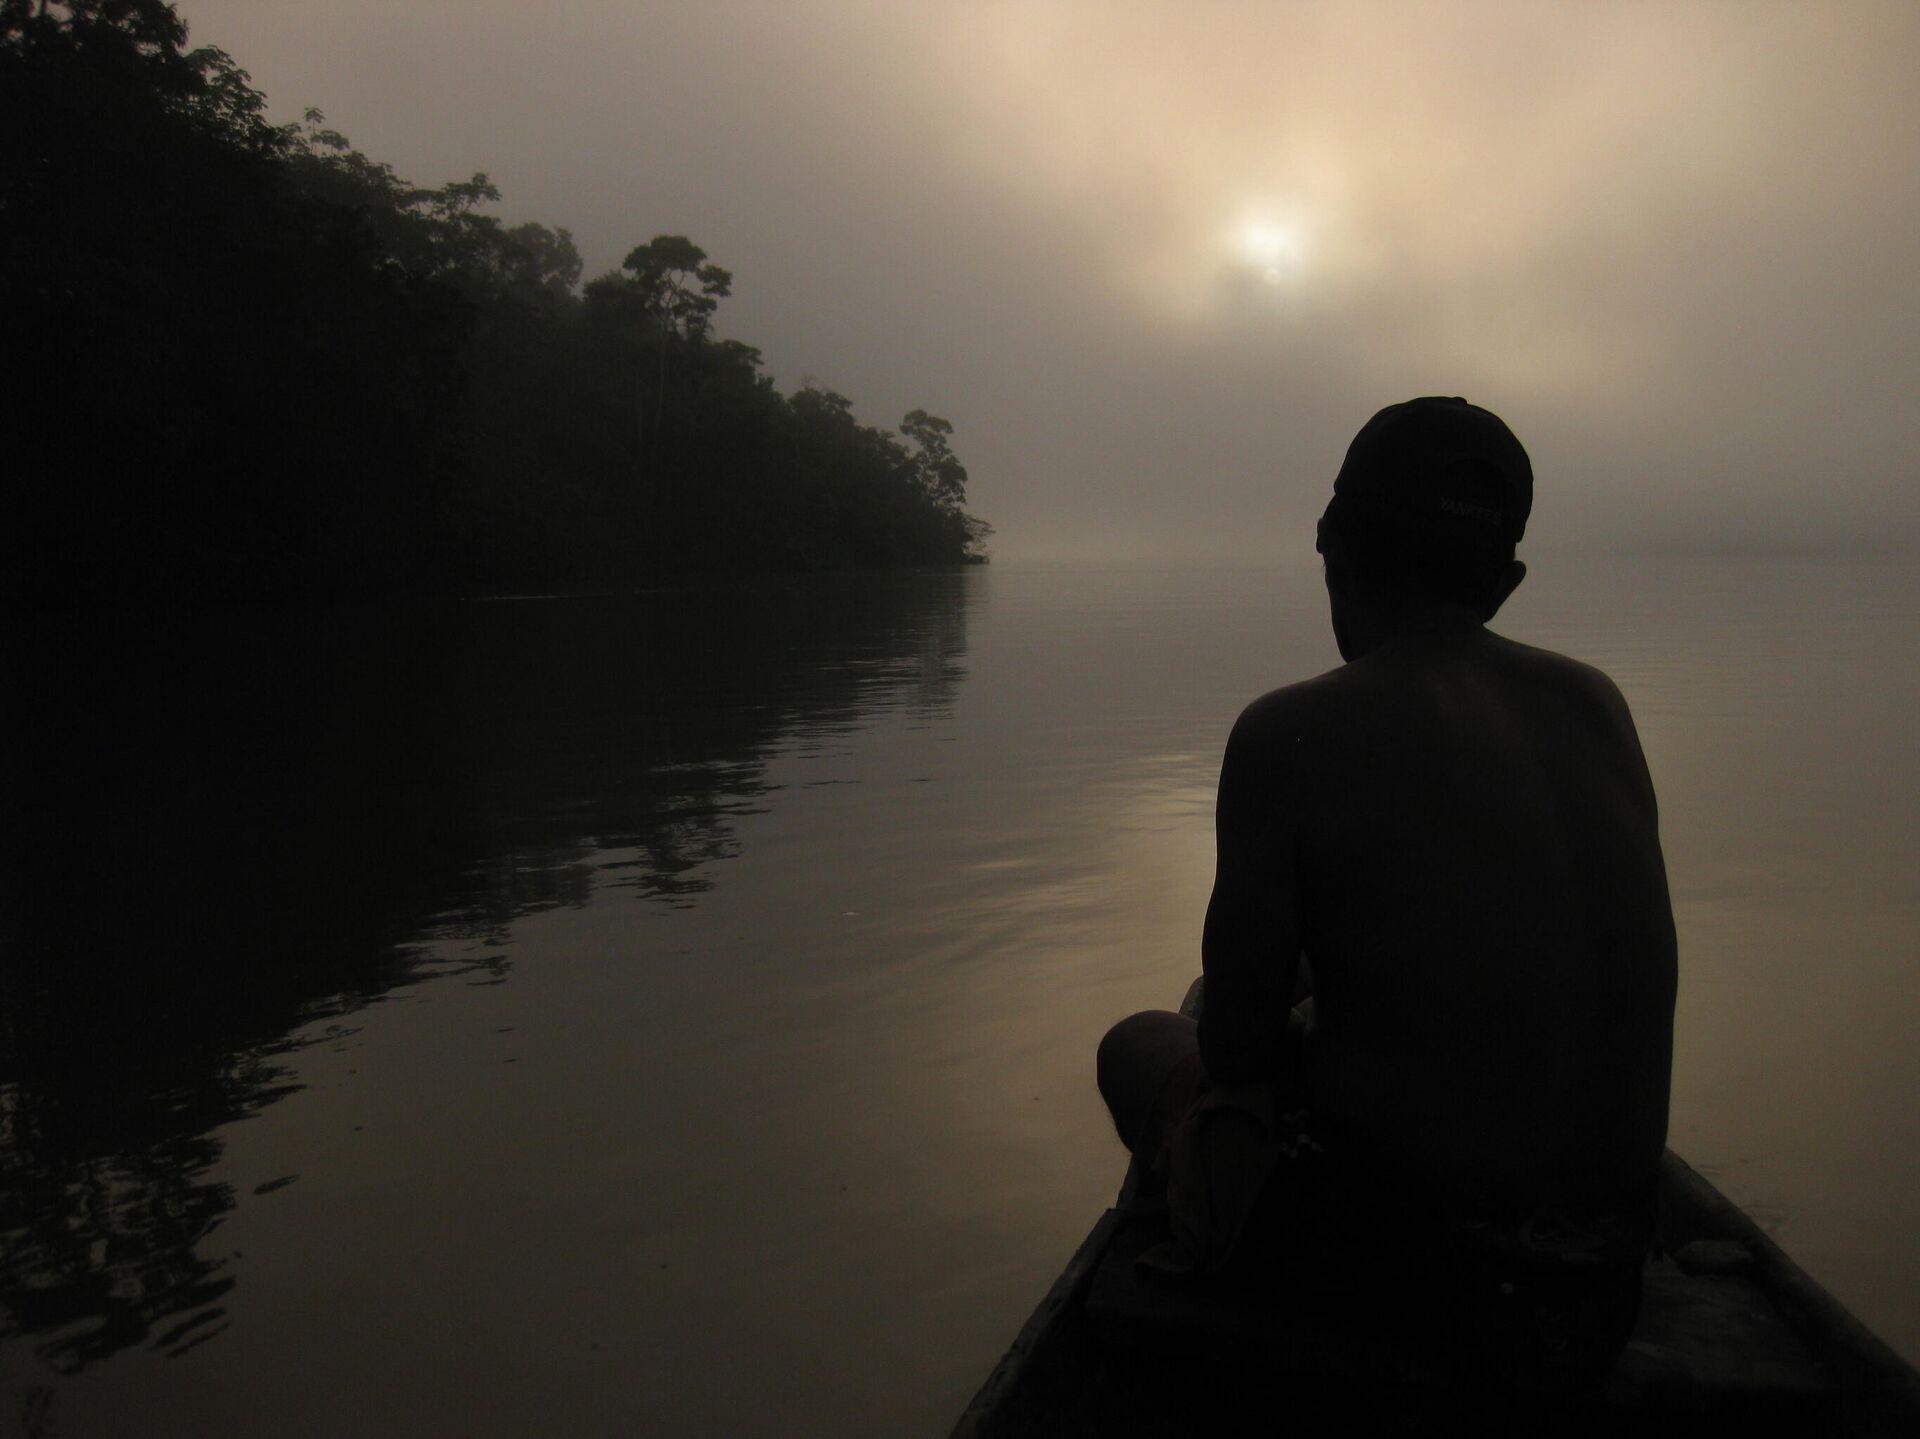 Indígena Macuna en su canoa, río Apaporis, Amazonia colombiana - Sputnik Mundo, 1920, 17.06.2021